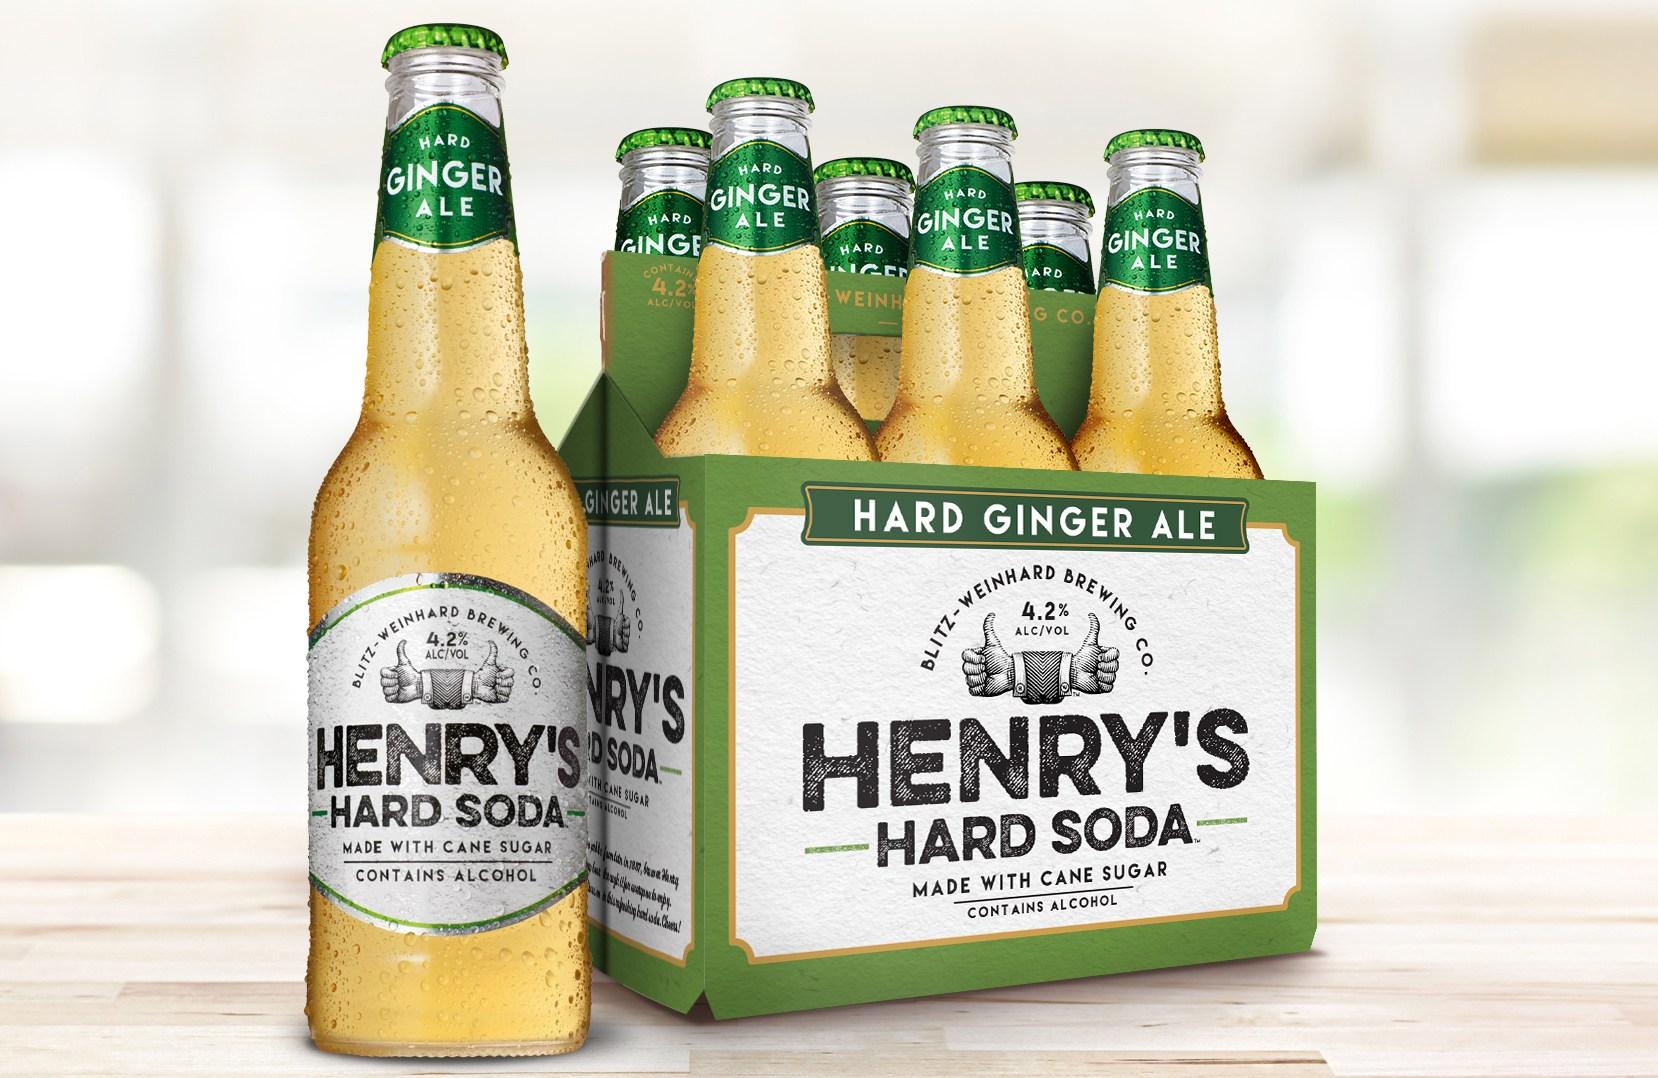 X_Henrys_Soda_FlavorSLIDER_gingerale.jpg